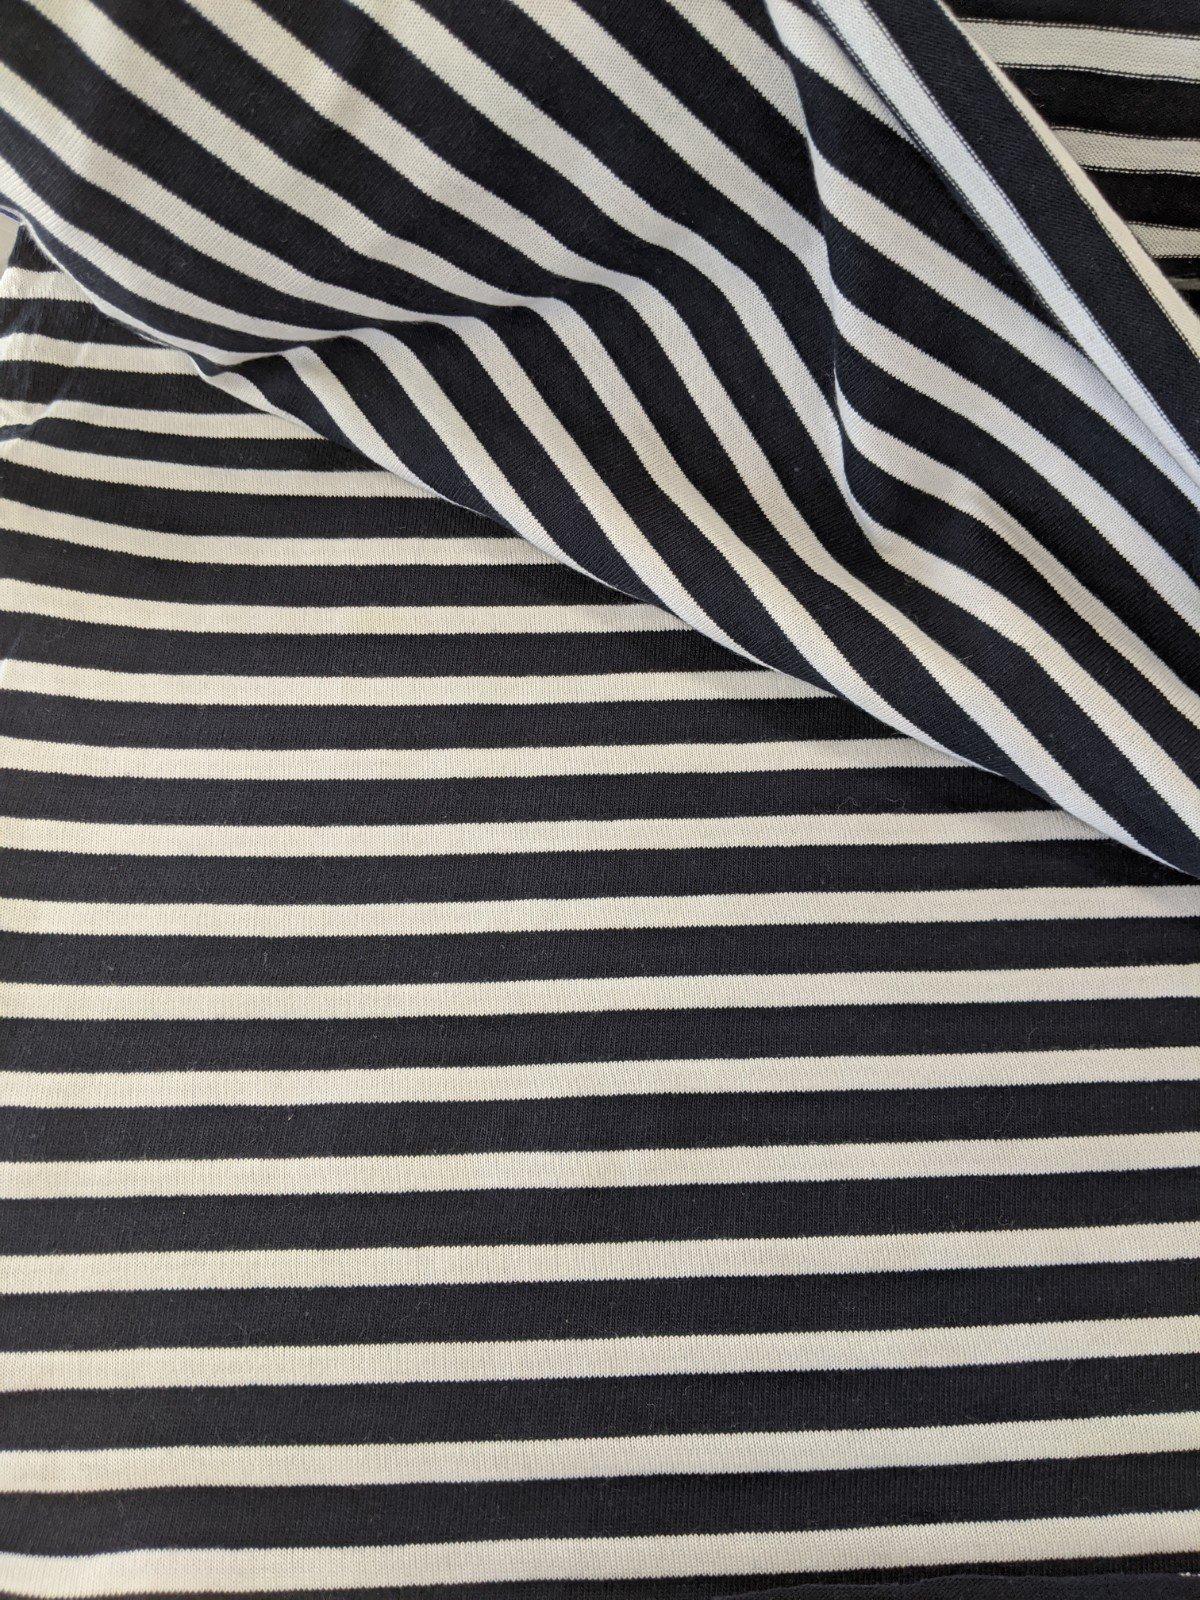 Jersey Knit - Navy & White Stripe